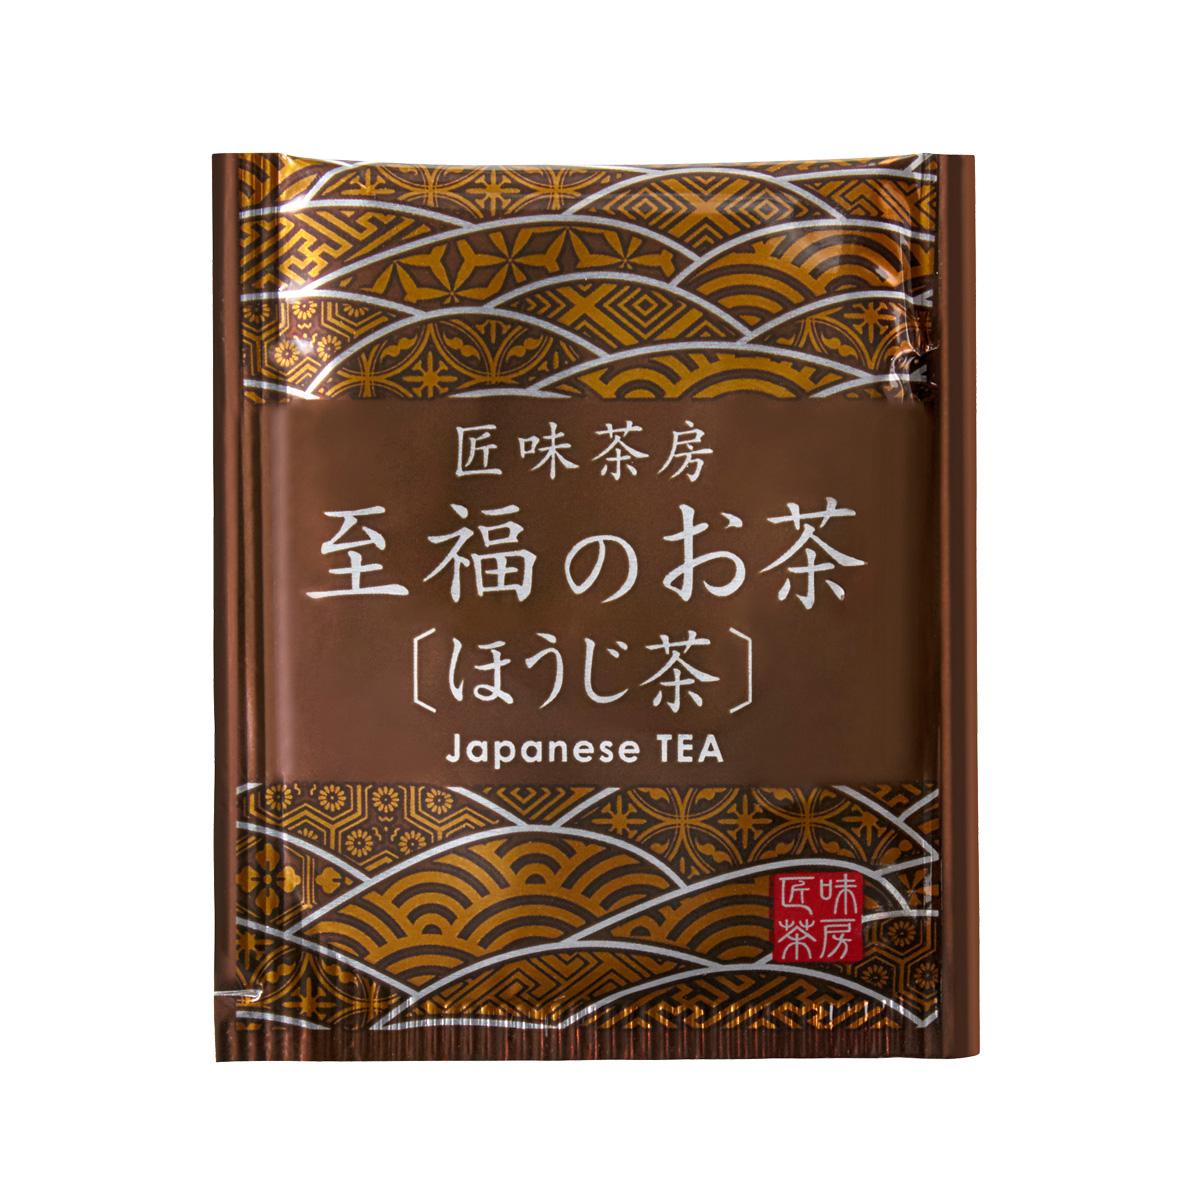 【1個7.50円】ティーバッグ「匠味茶房」ほうじ茶 1500個